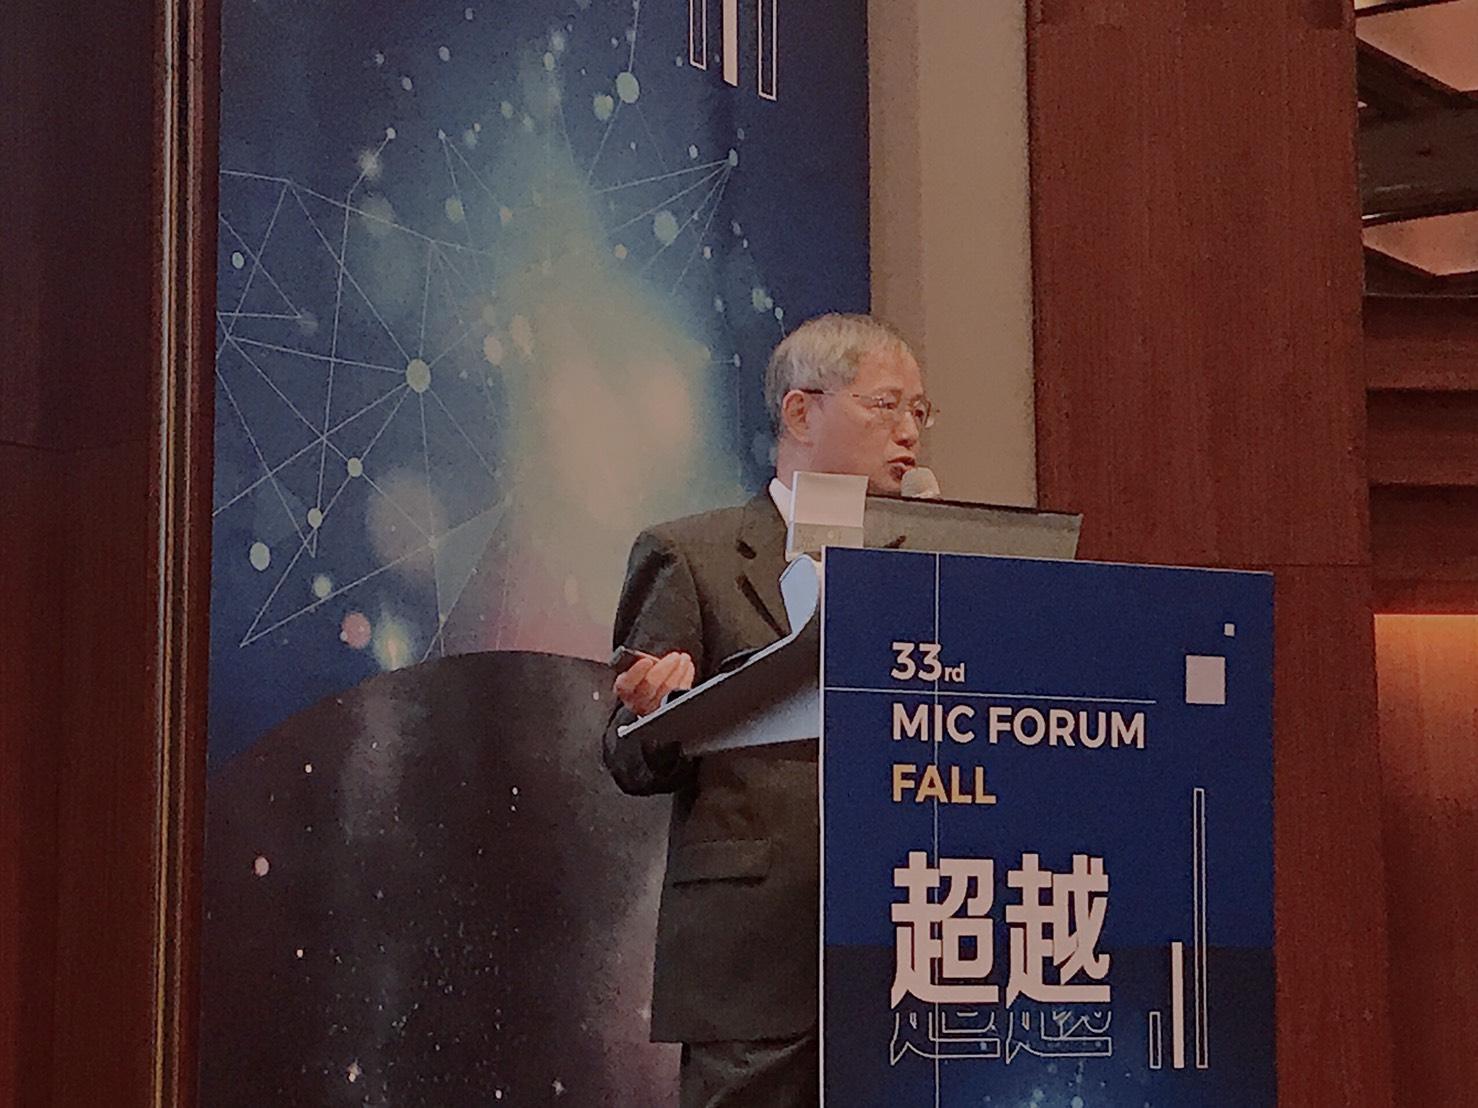 前國發會主委、台灣大學經濟系名譽教授陳添枝周三(10月28日)表示,肺炎疫情加速數位化的發展,因此無論誰當選美國總統,中美科技戰仍將延續。(賴意晴/大紀元)